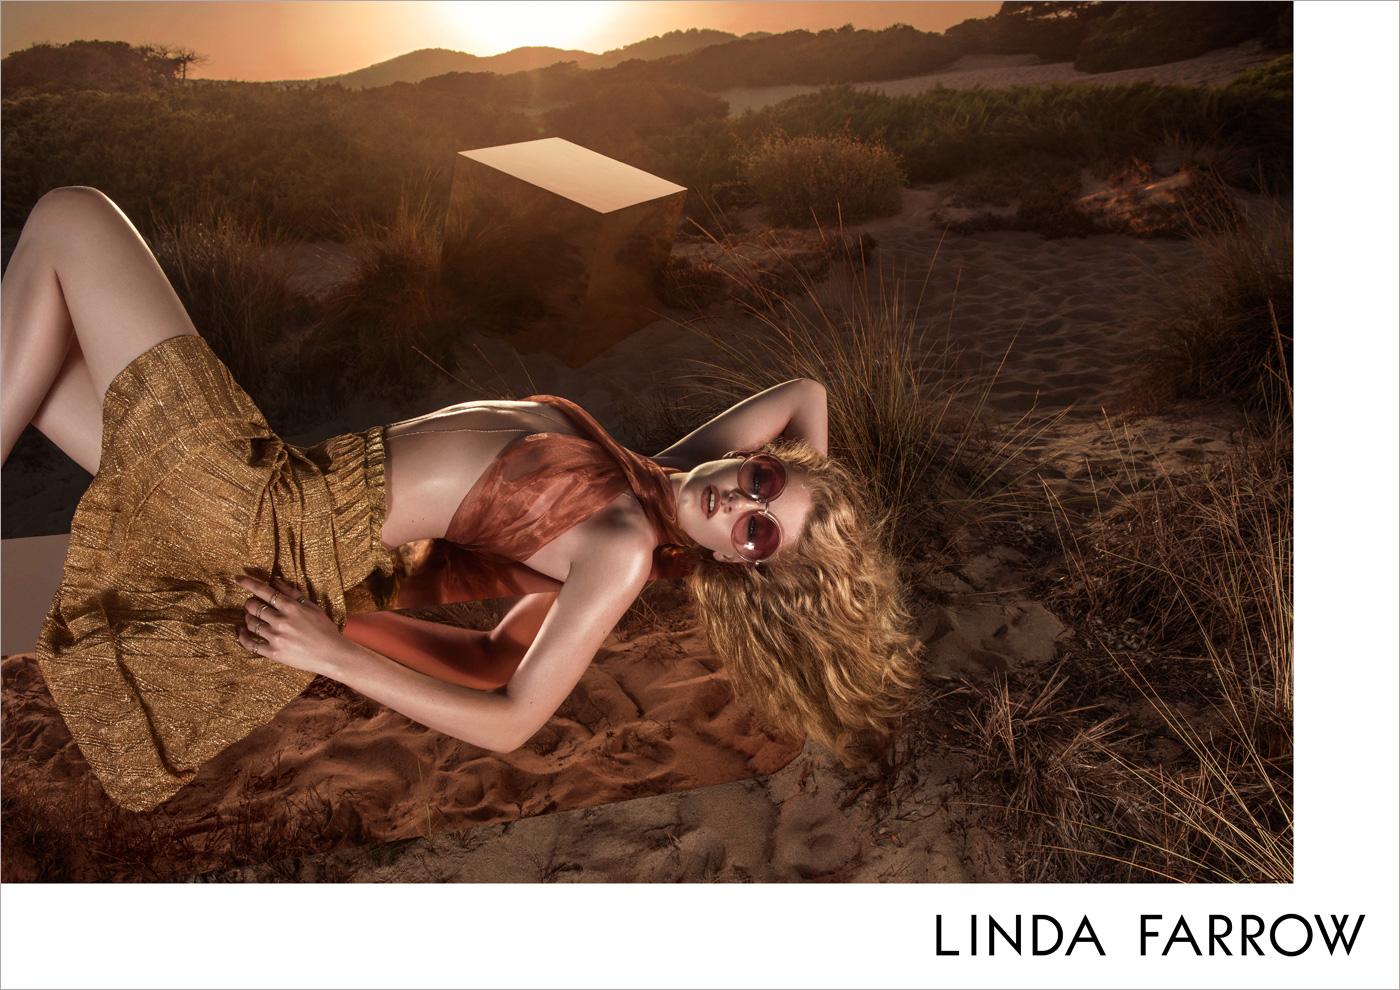 a195f93e32f Mariano Vivanco Shoots Linda Farrow Spring Summer Collection ...